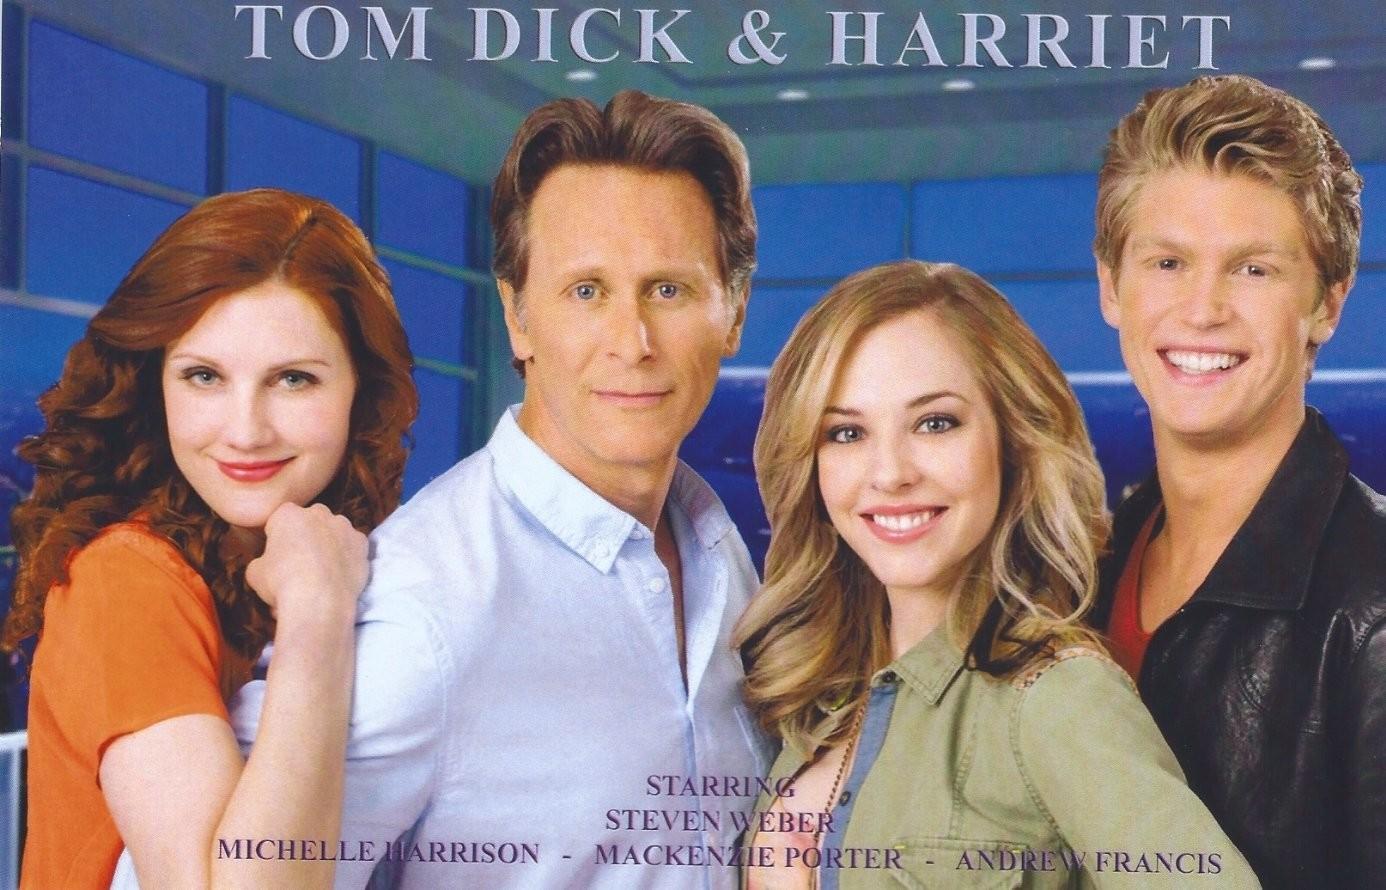 Tom, Dick & Harriet / M6